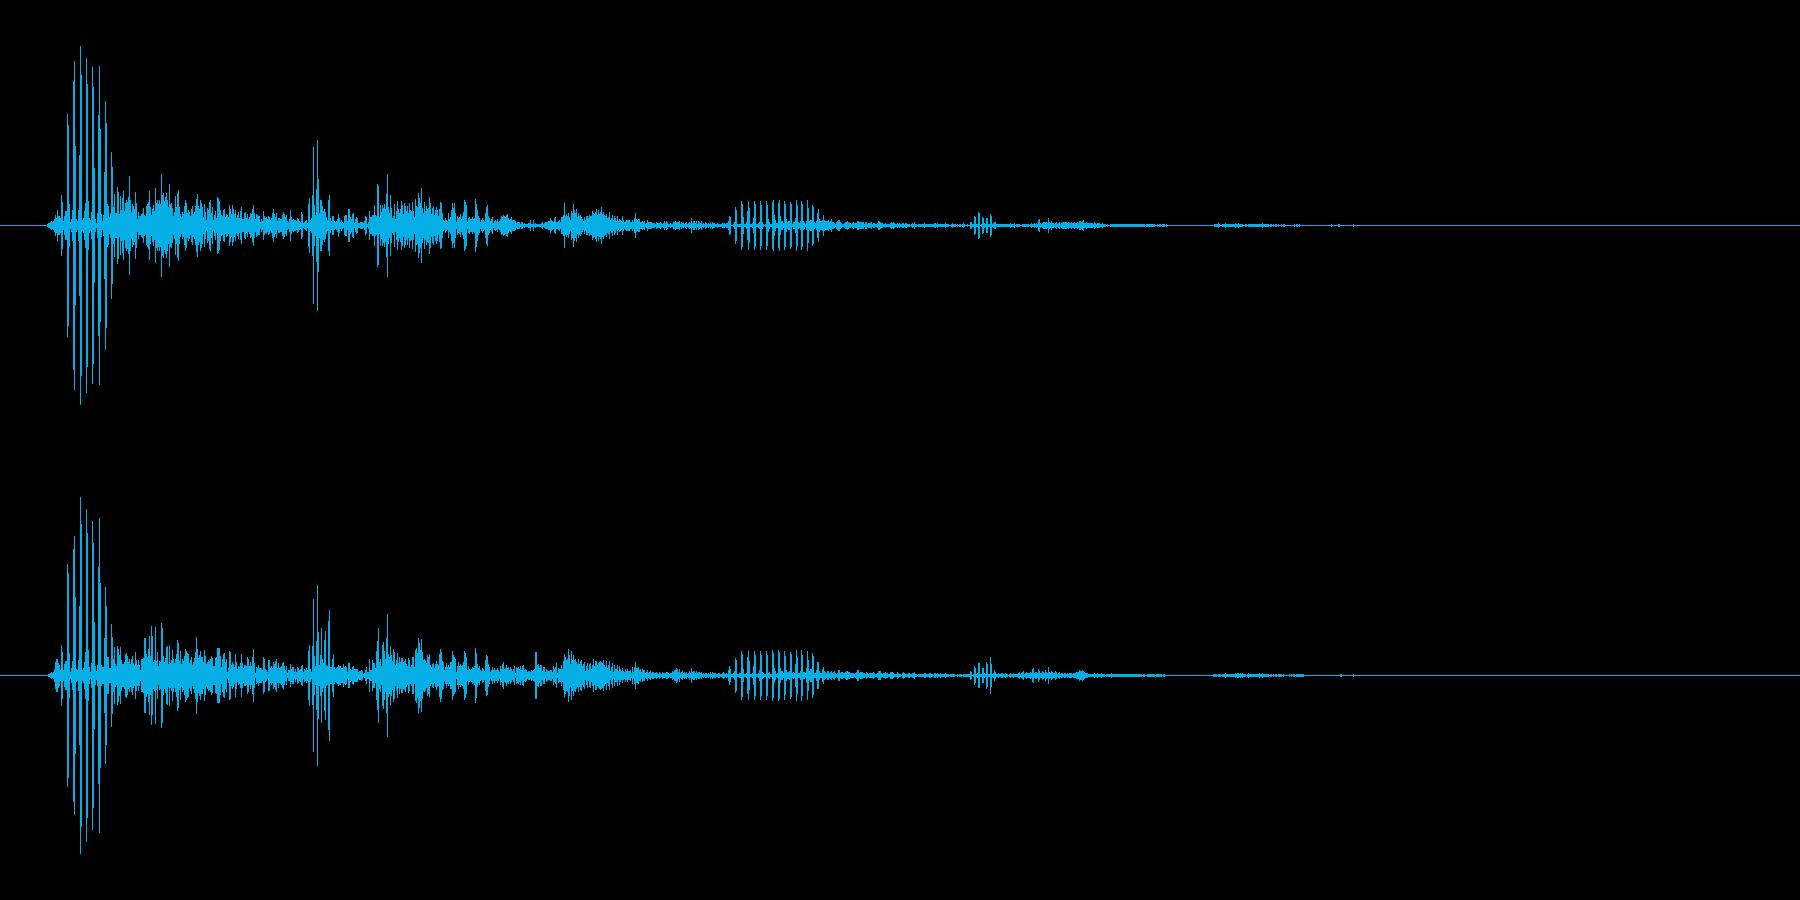 キキッ (軽めなブレーキ音)の再生済みの波形